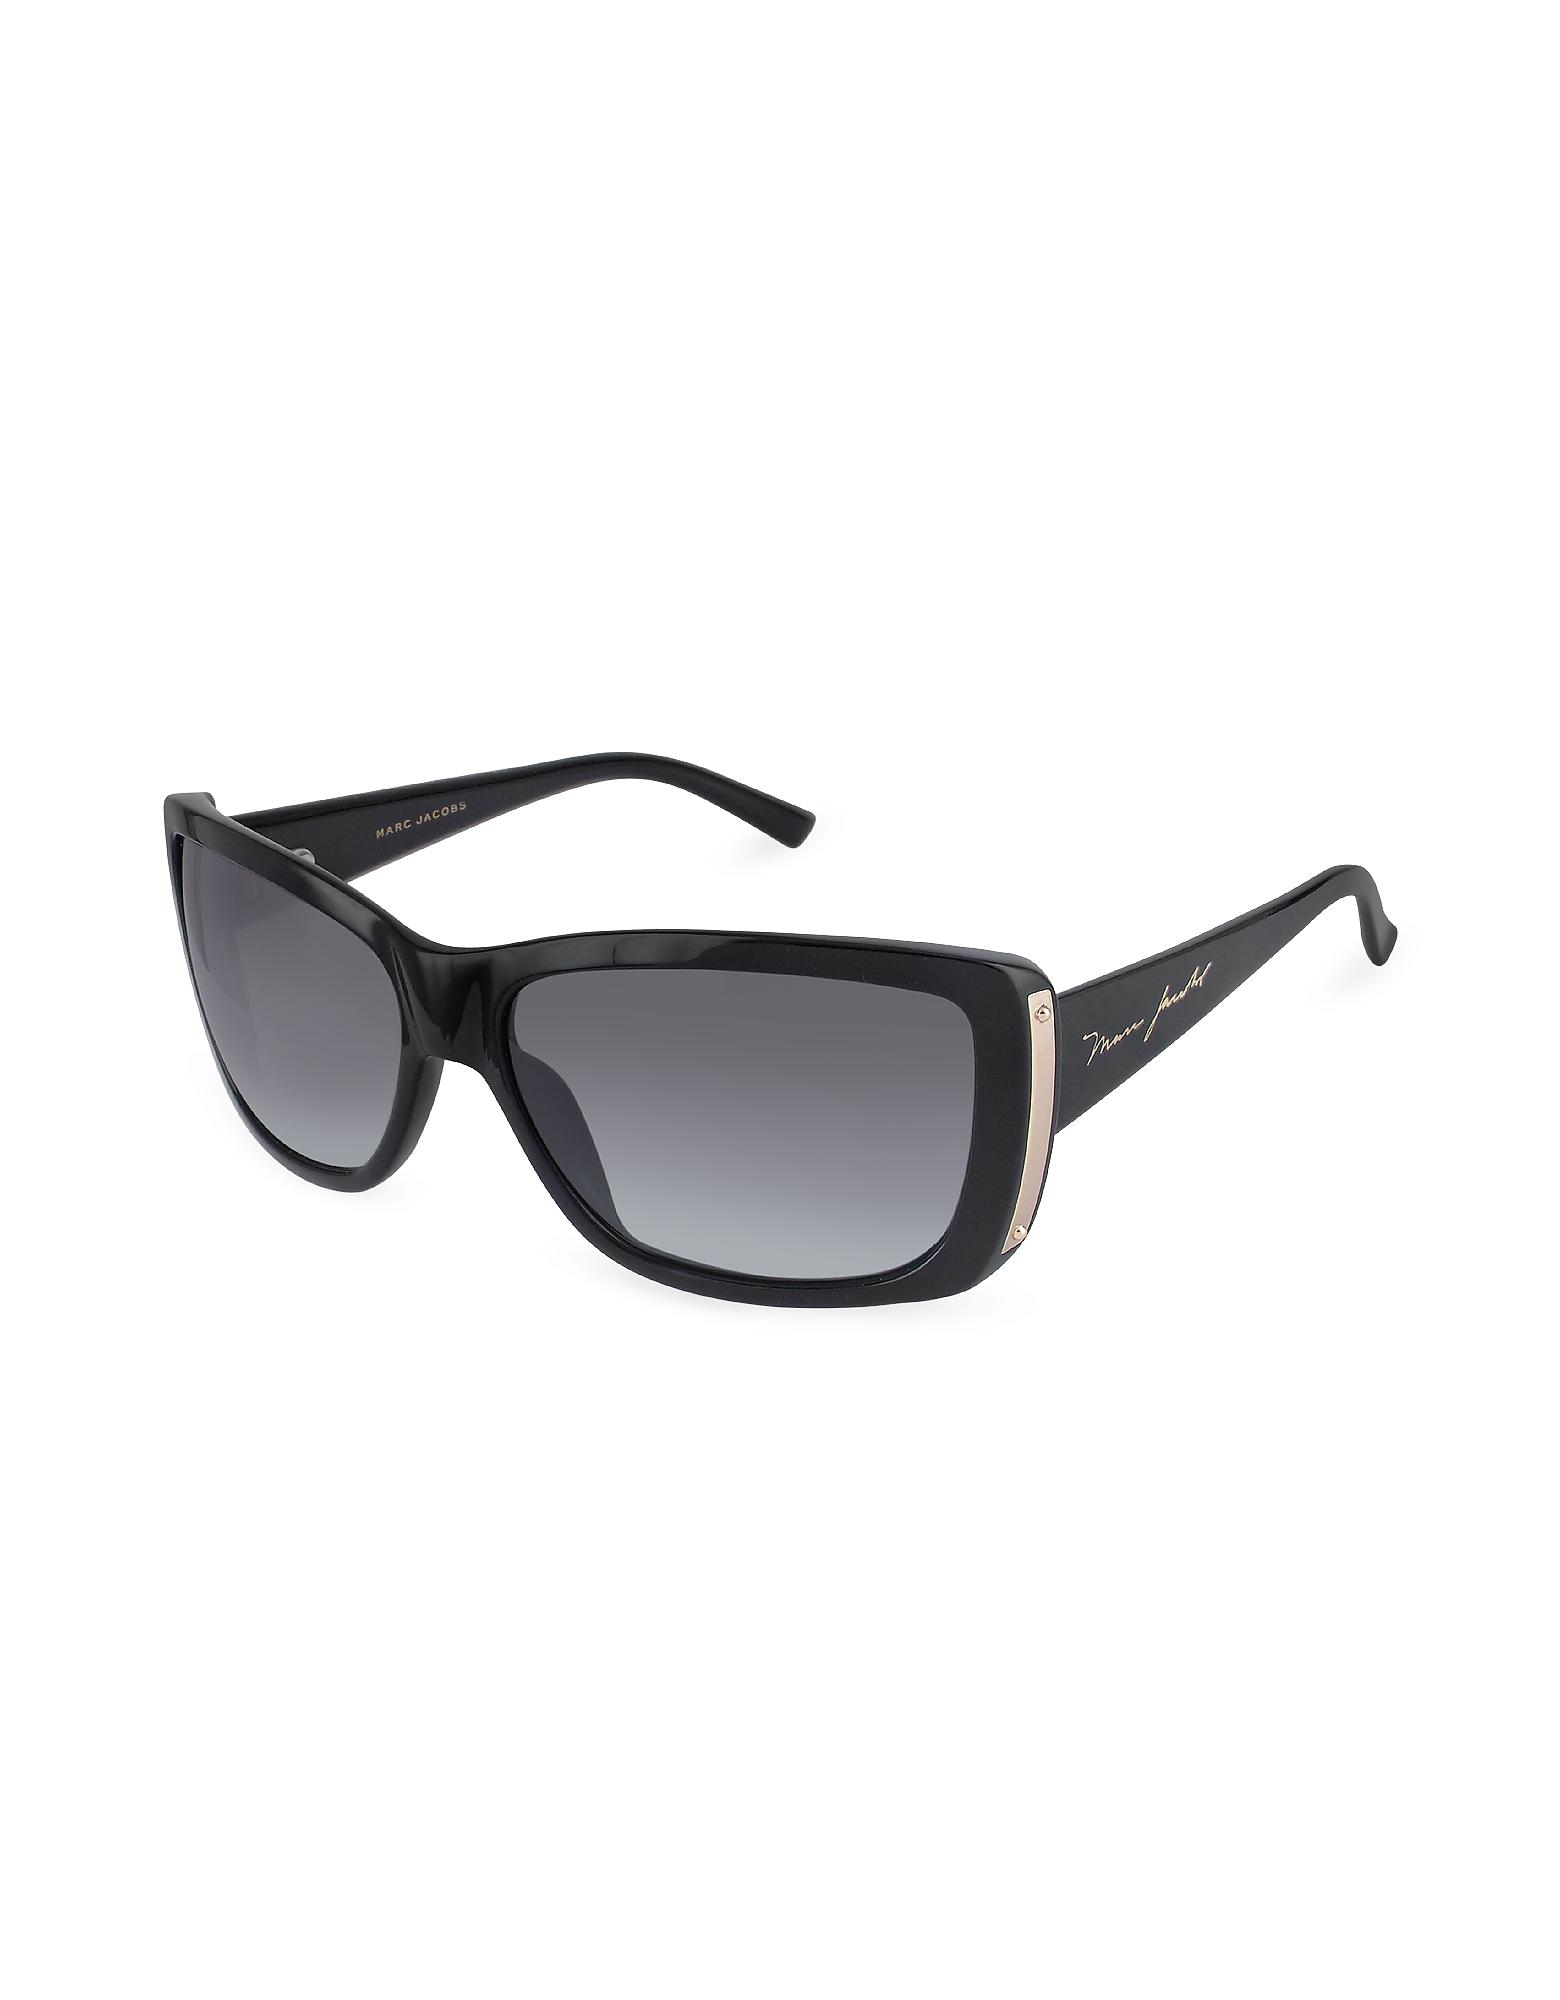 Marc Jacobs Designer Sunglasses, Plastic Rectangular Signature Temple Sunglasses